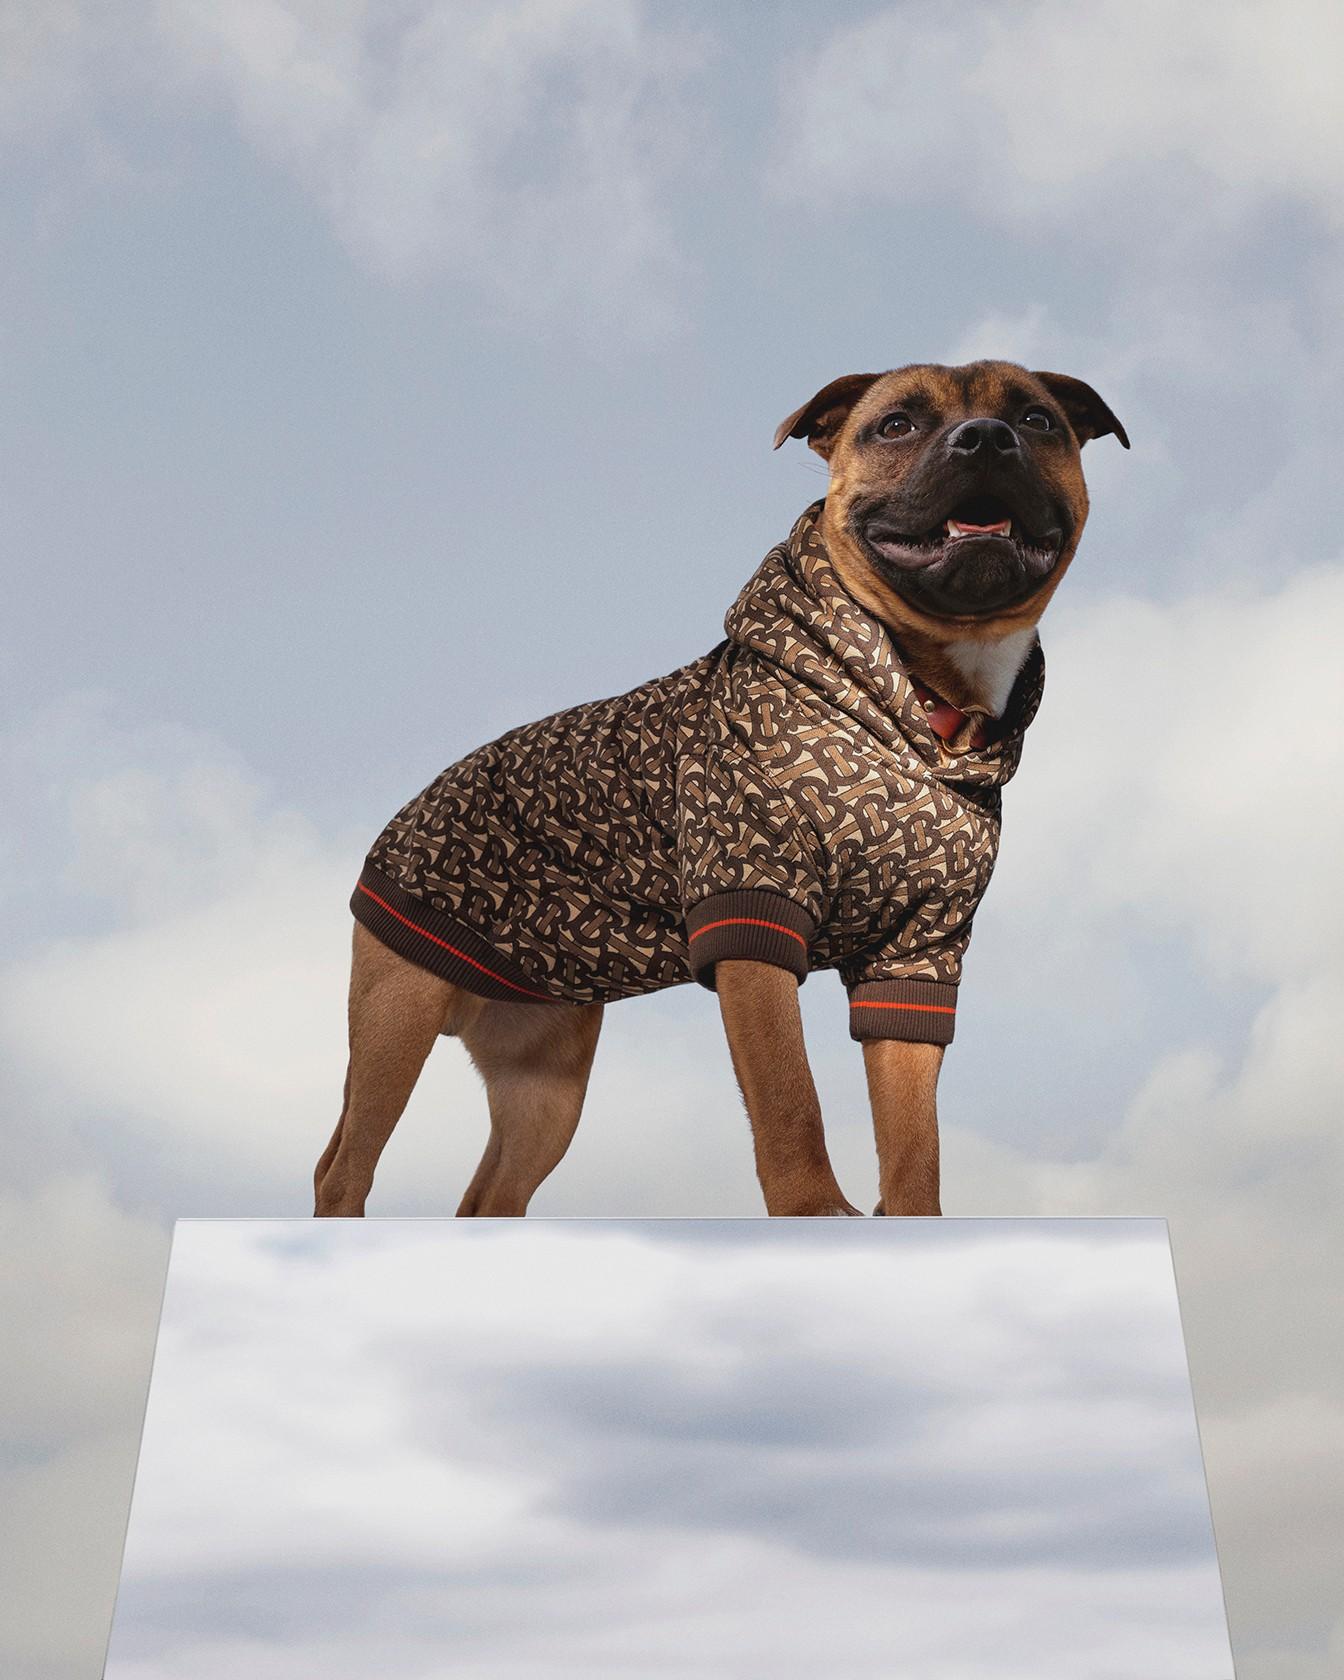 Фото: Burberry создали идеальный свитшот для вашей собаки